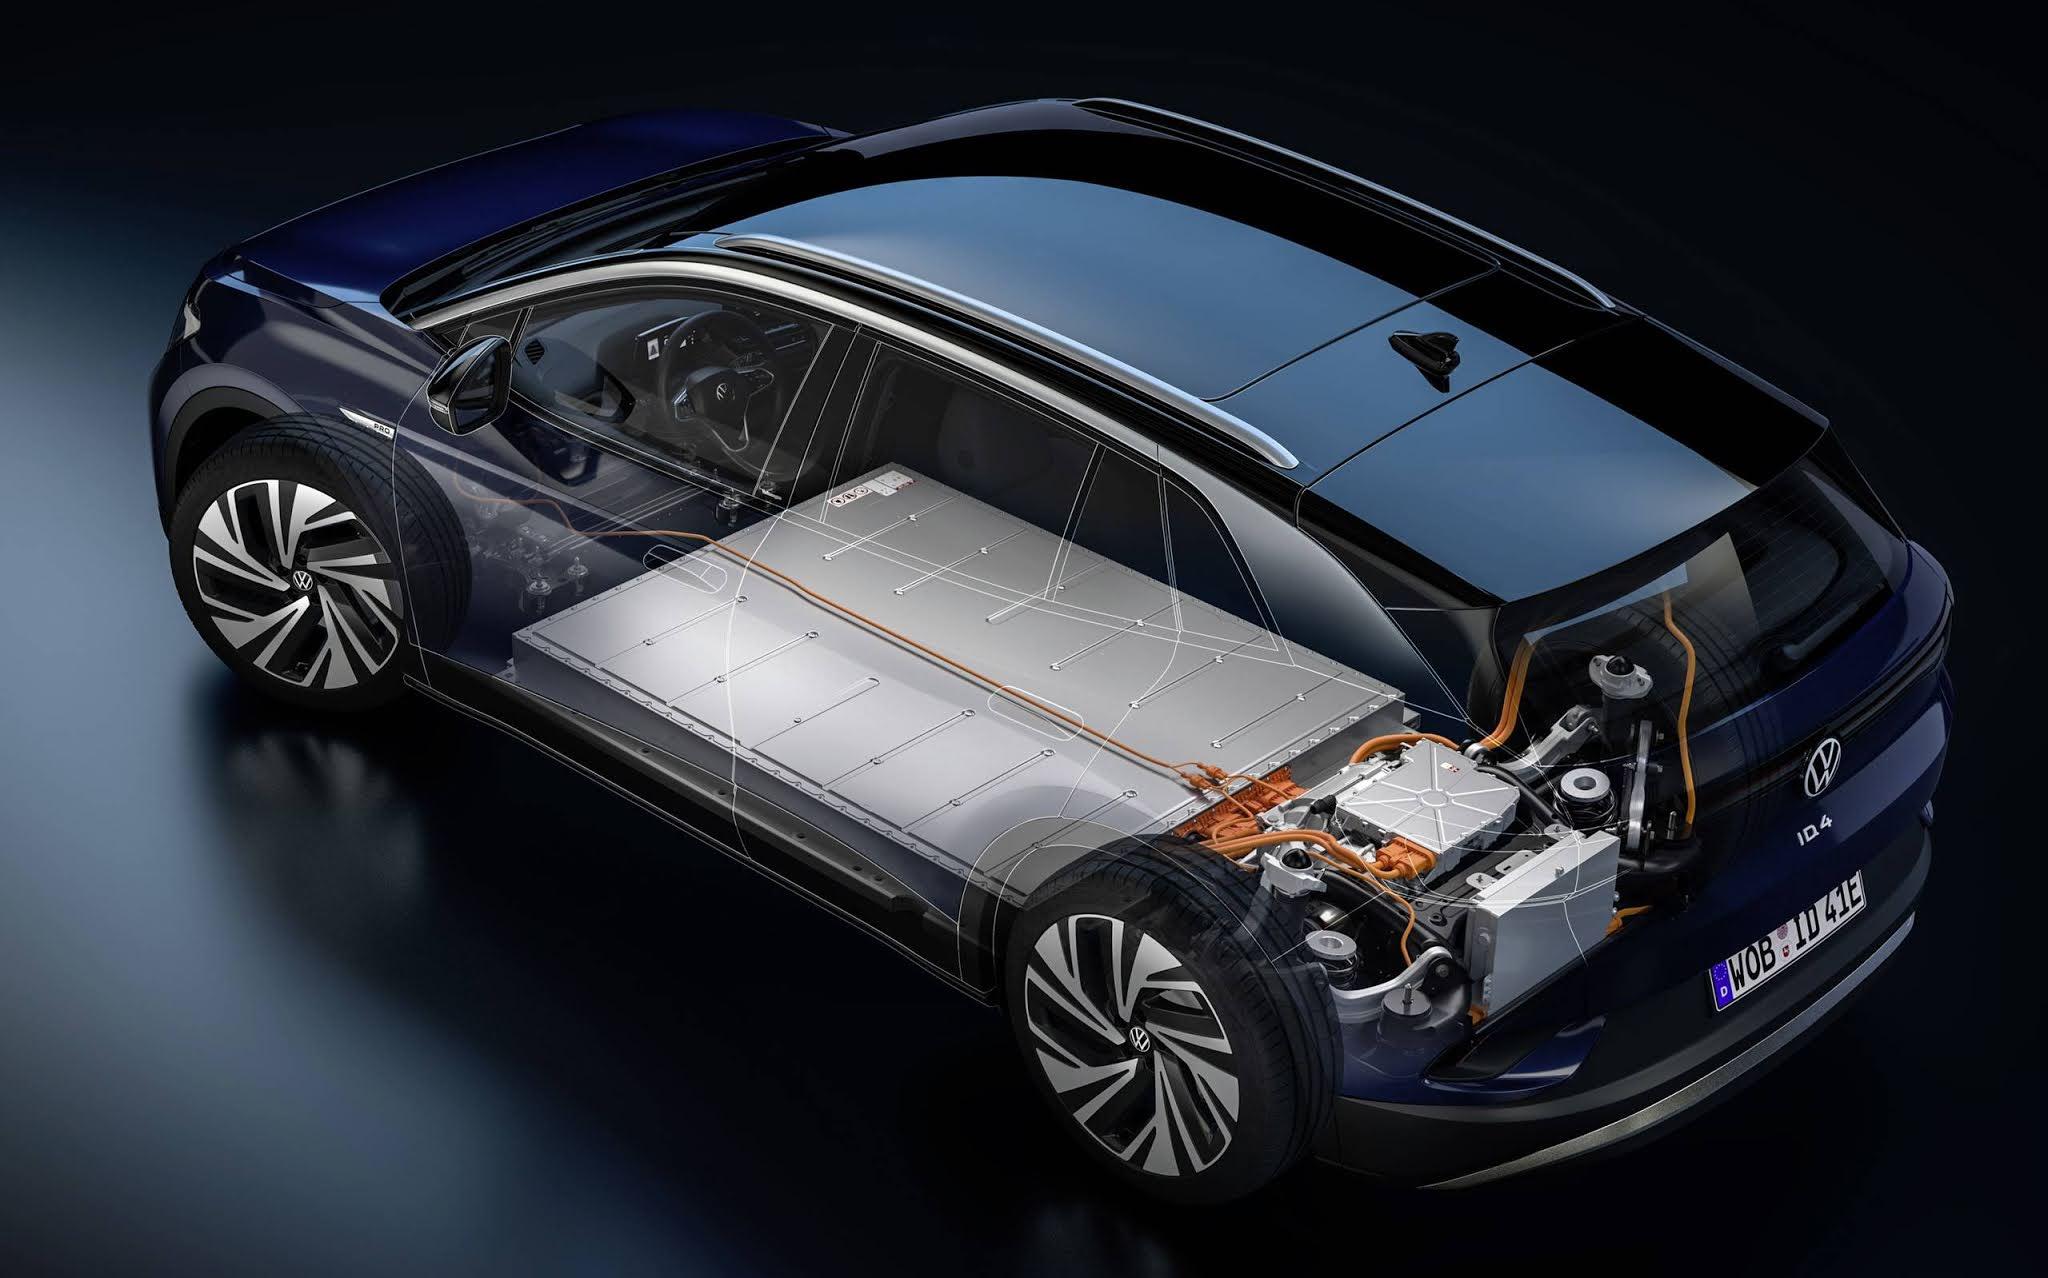 Ações da Volkswagen em nova disparada de mais de 30% com planos de eletrificação